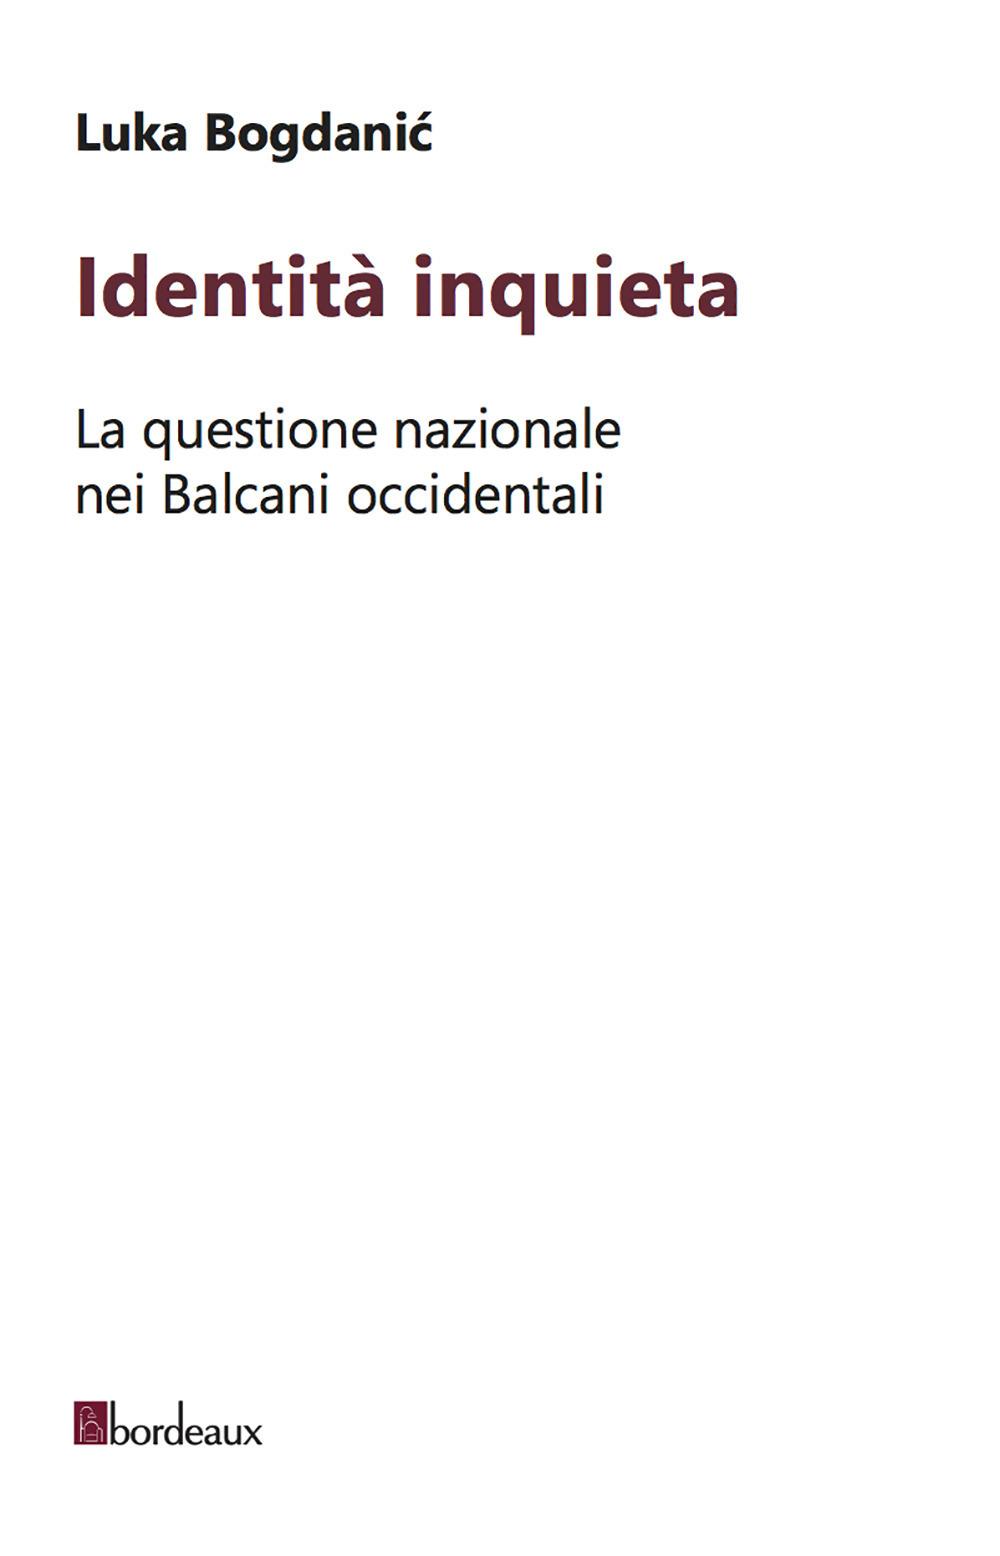 IDENTITÀ INQUIETA. LA QUESTIONE NAZIONALE NEI BALCANI OCCIDENTALI - 9788832103588